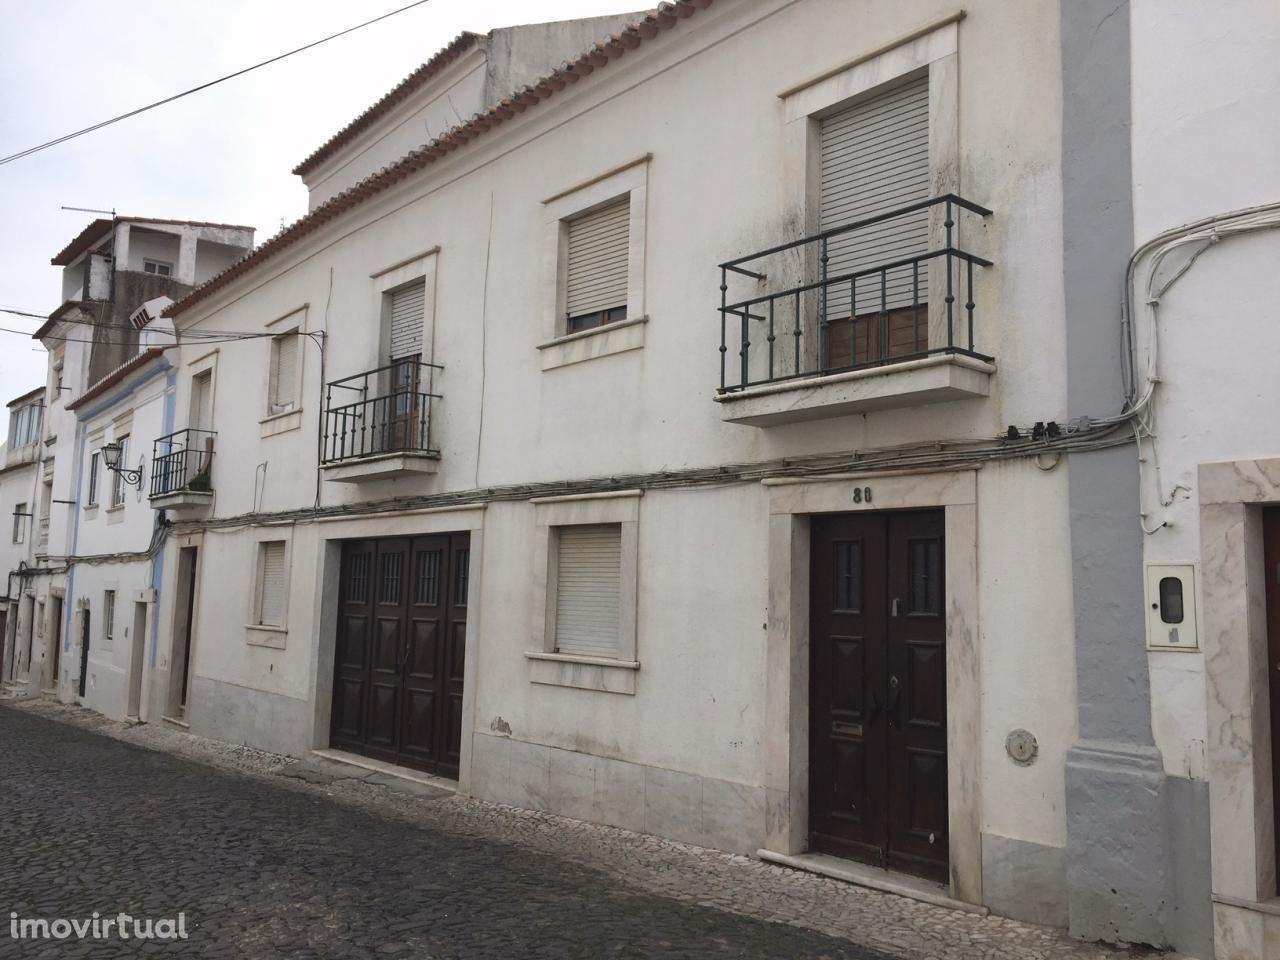 Moradia V7 - Zona Historica - Estremoz